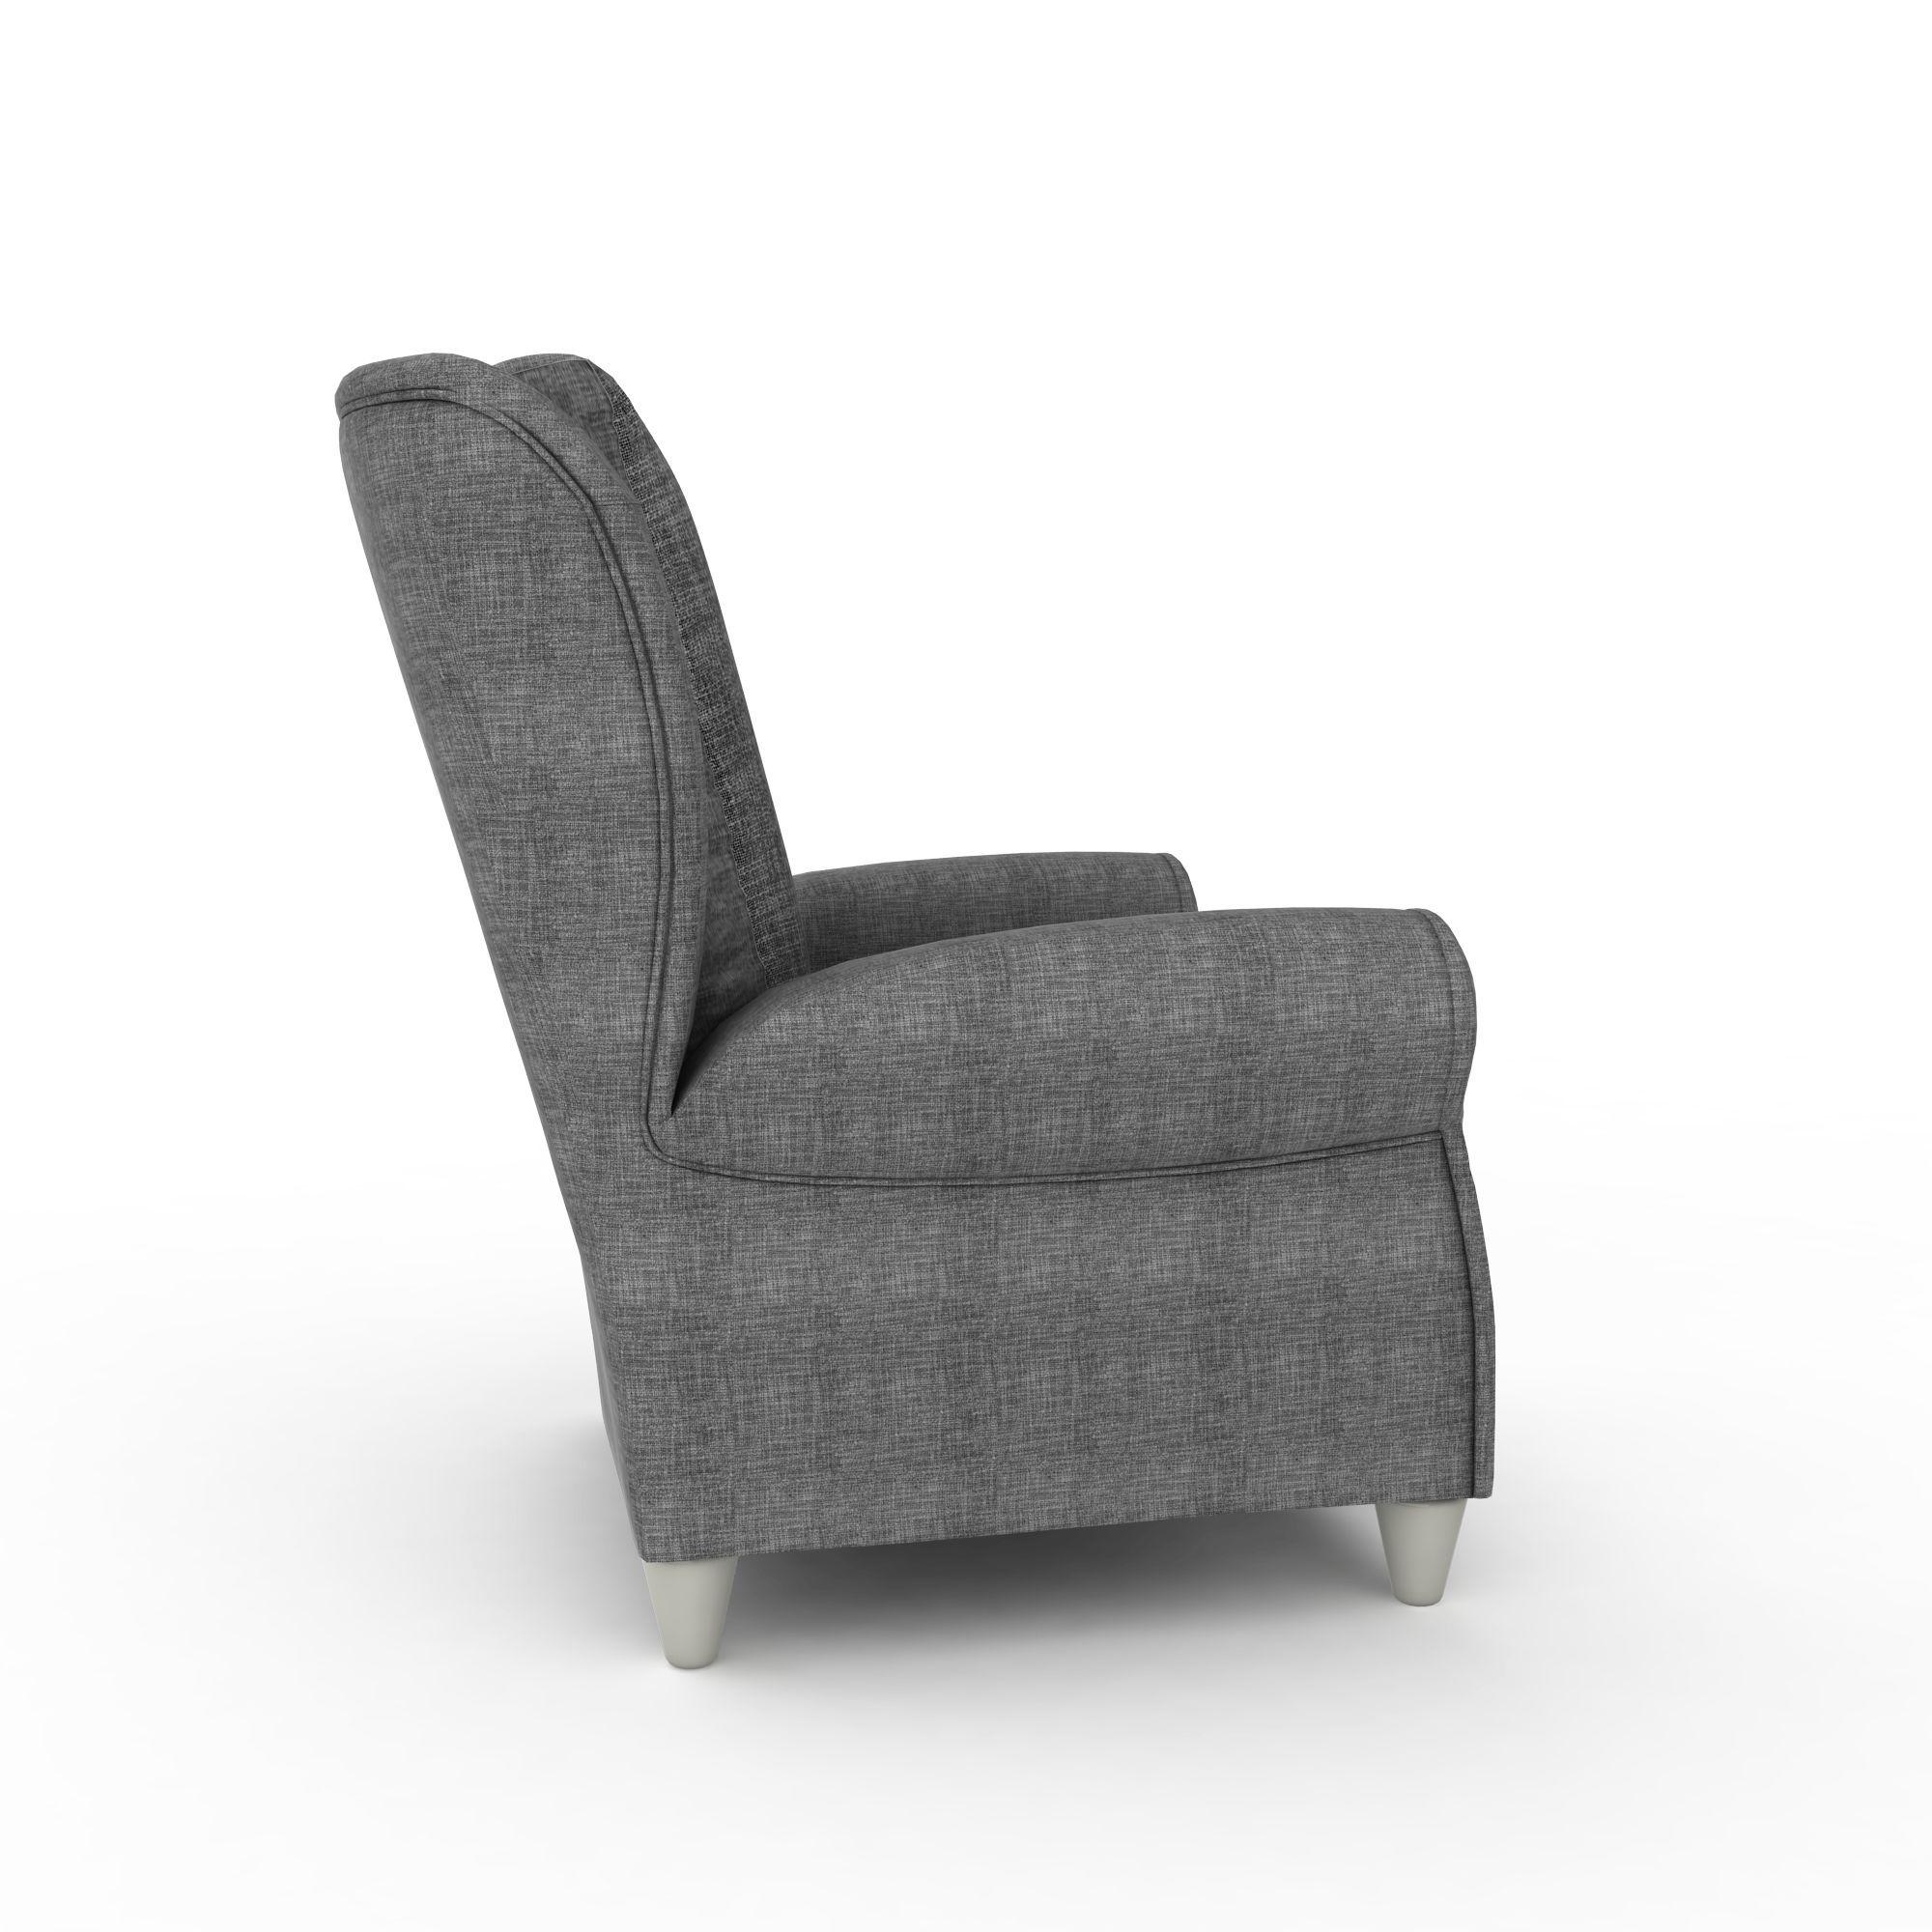 沙发椅子高清图下载